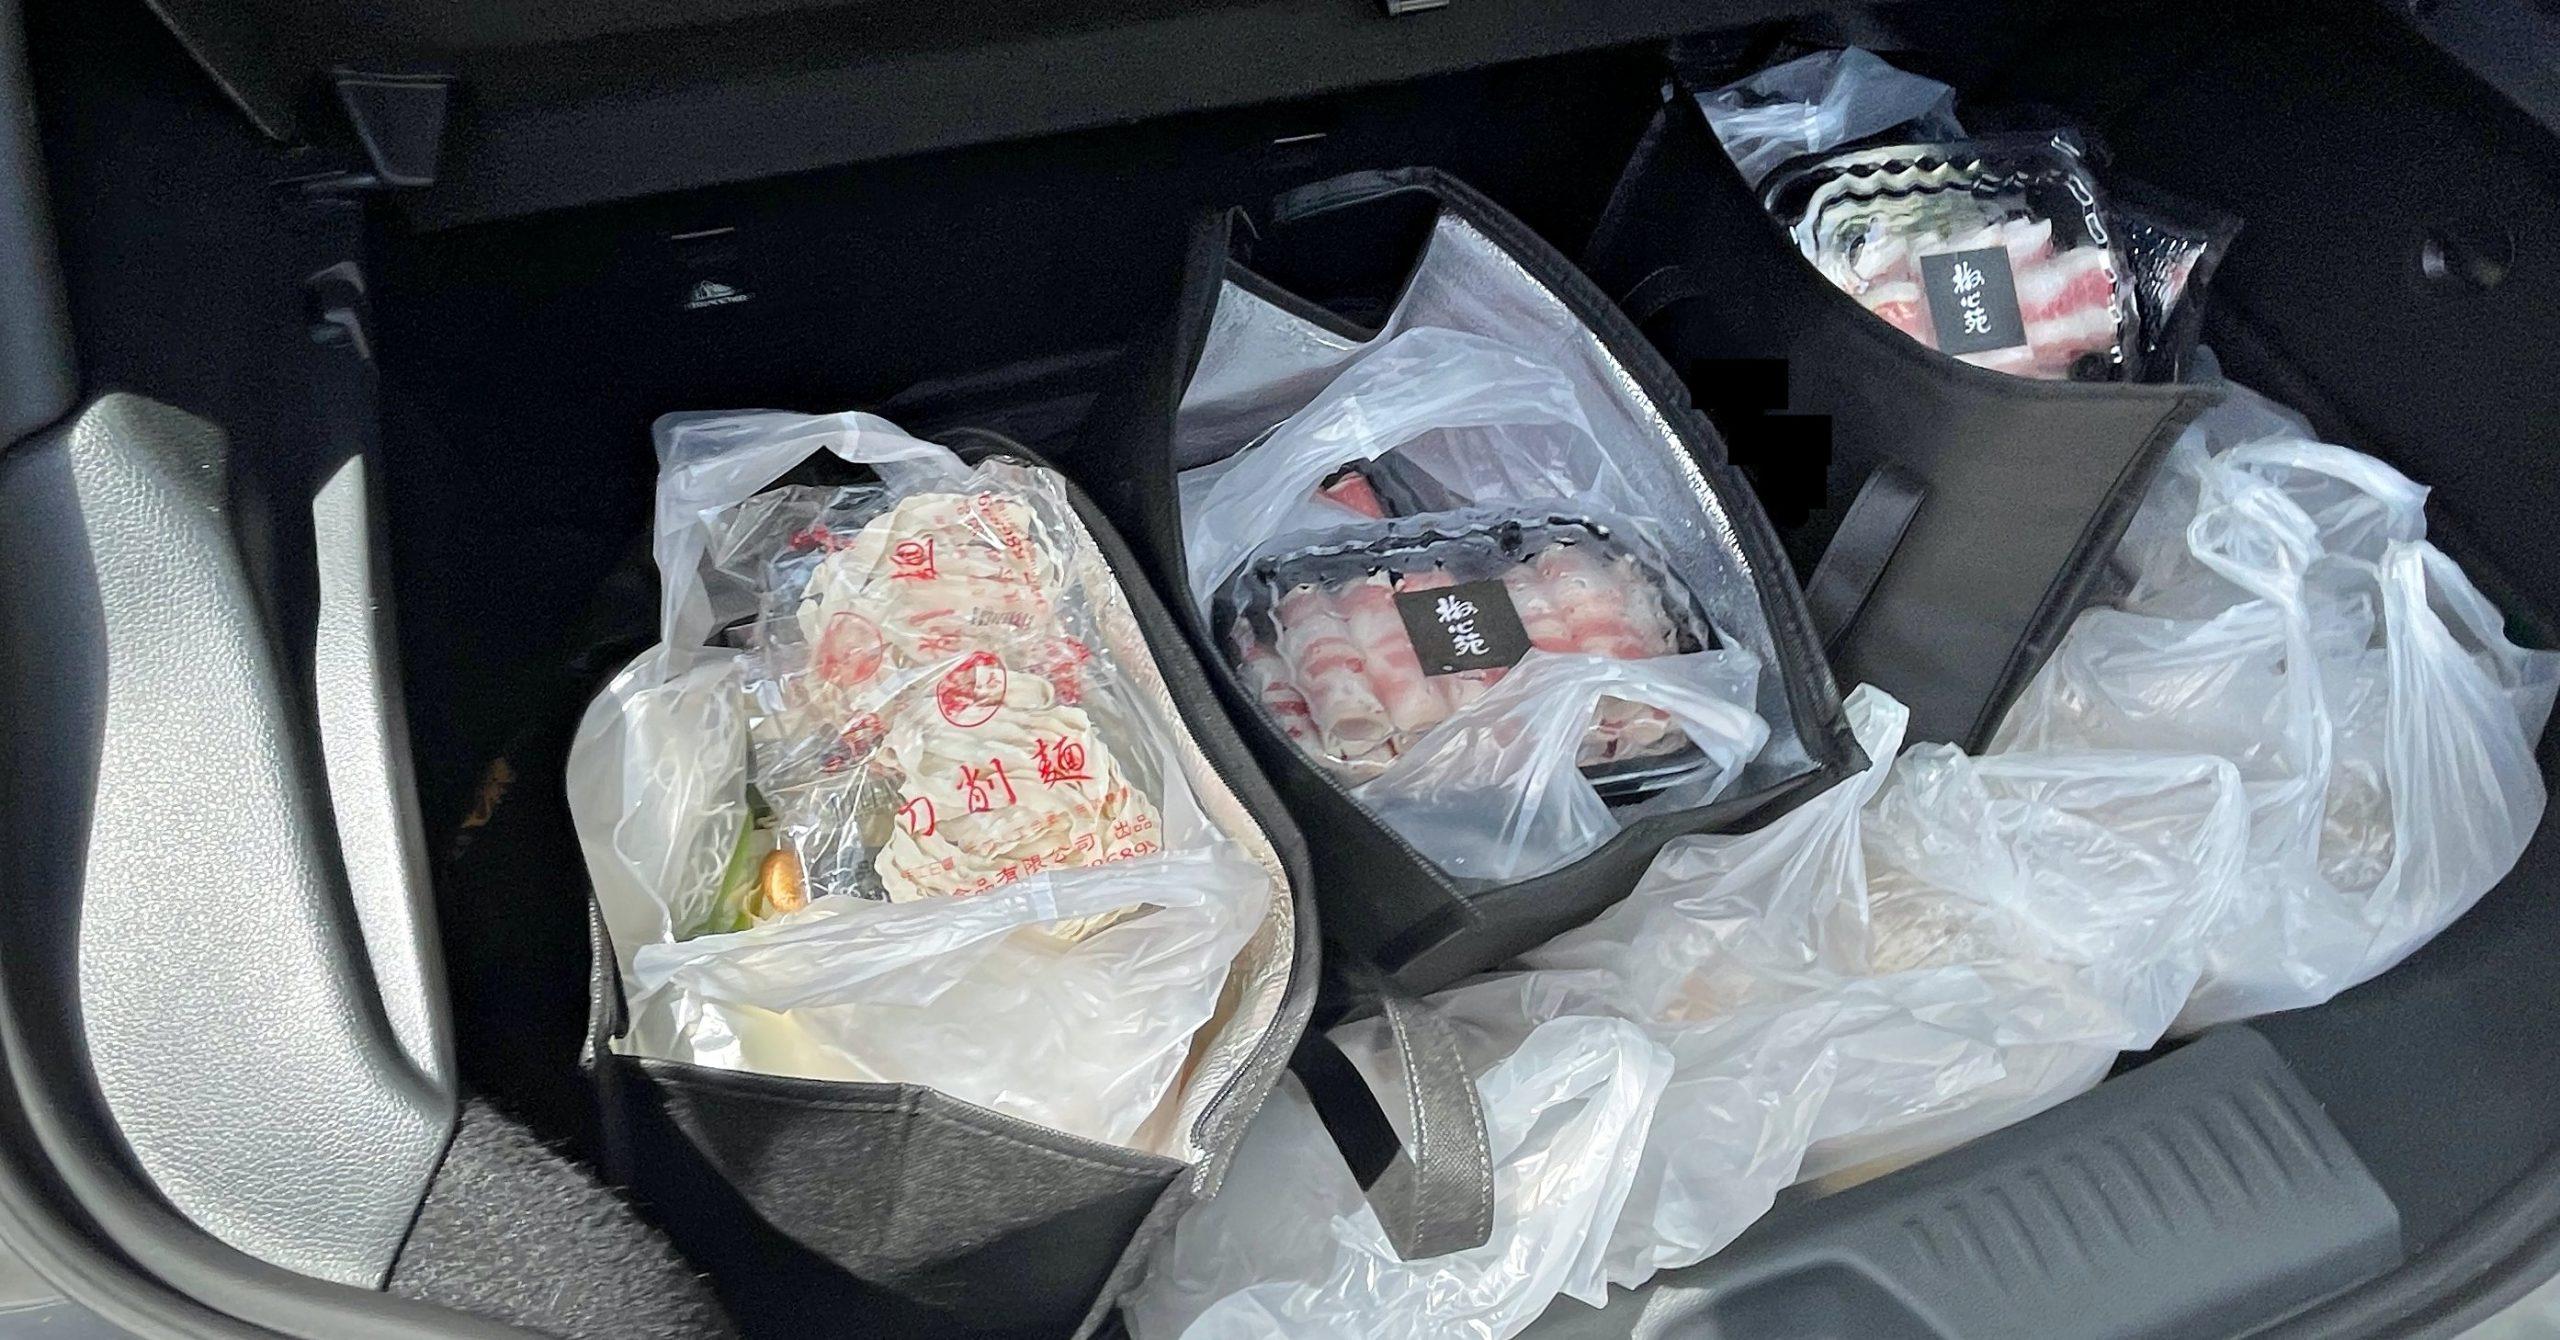 【南京復興美食】椒心苑麻辣鍋外帶,10人份100盎司肉盤超級讚